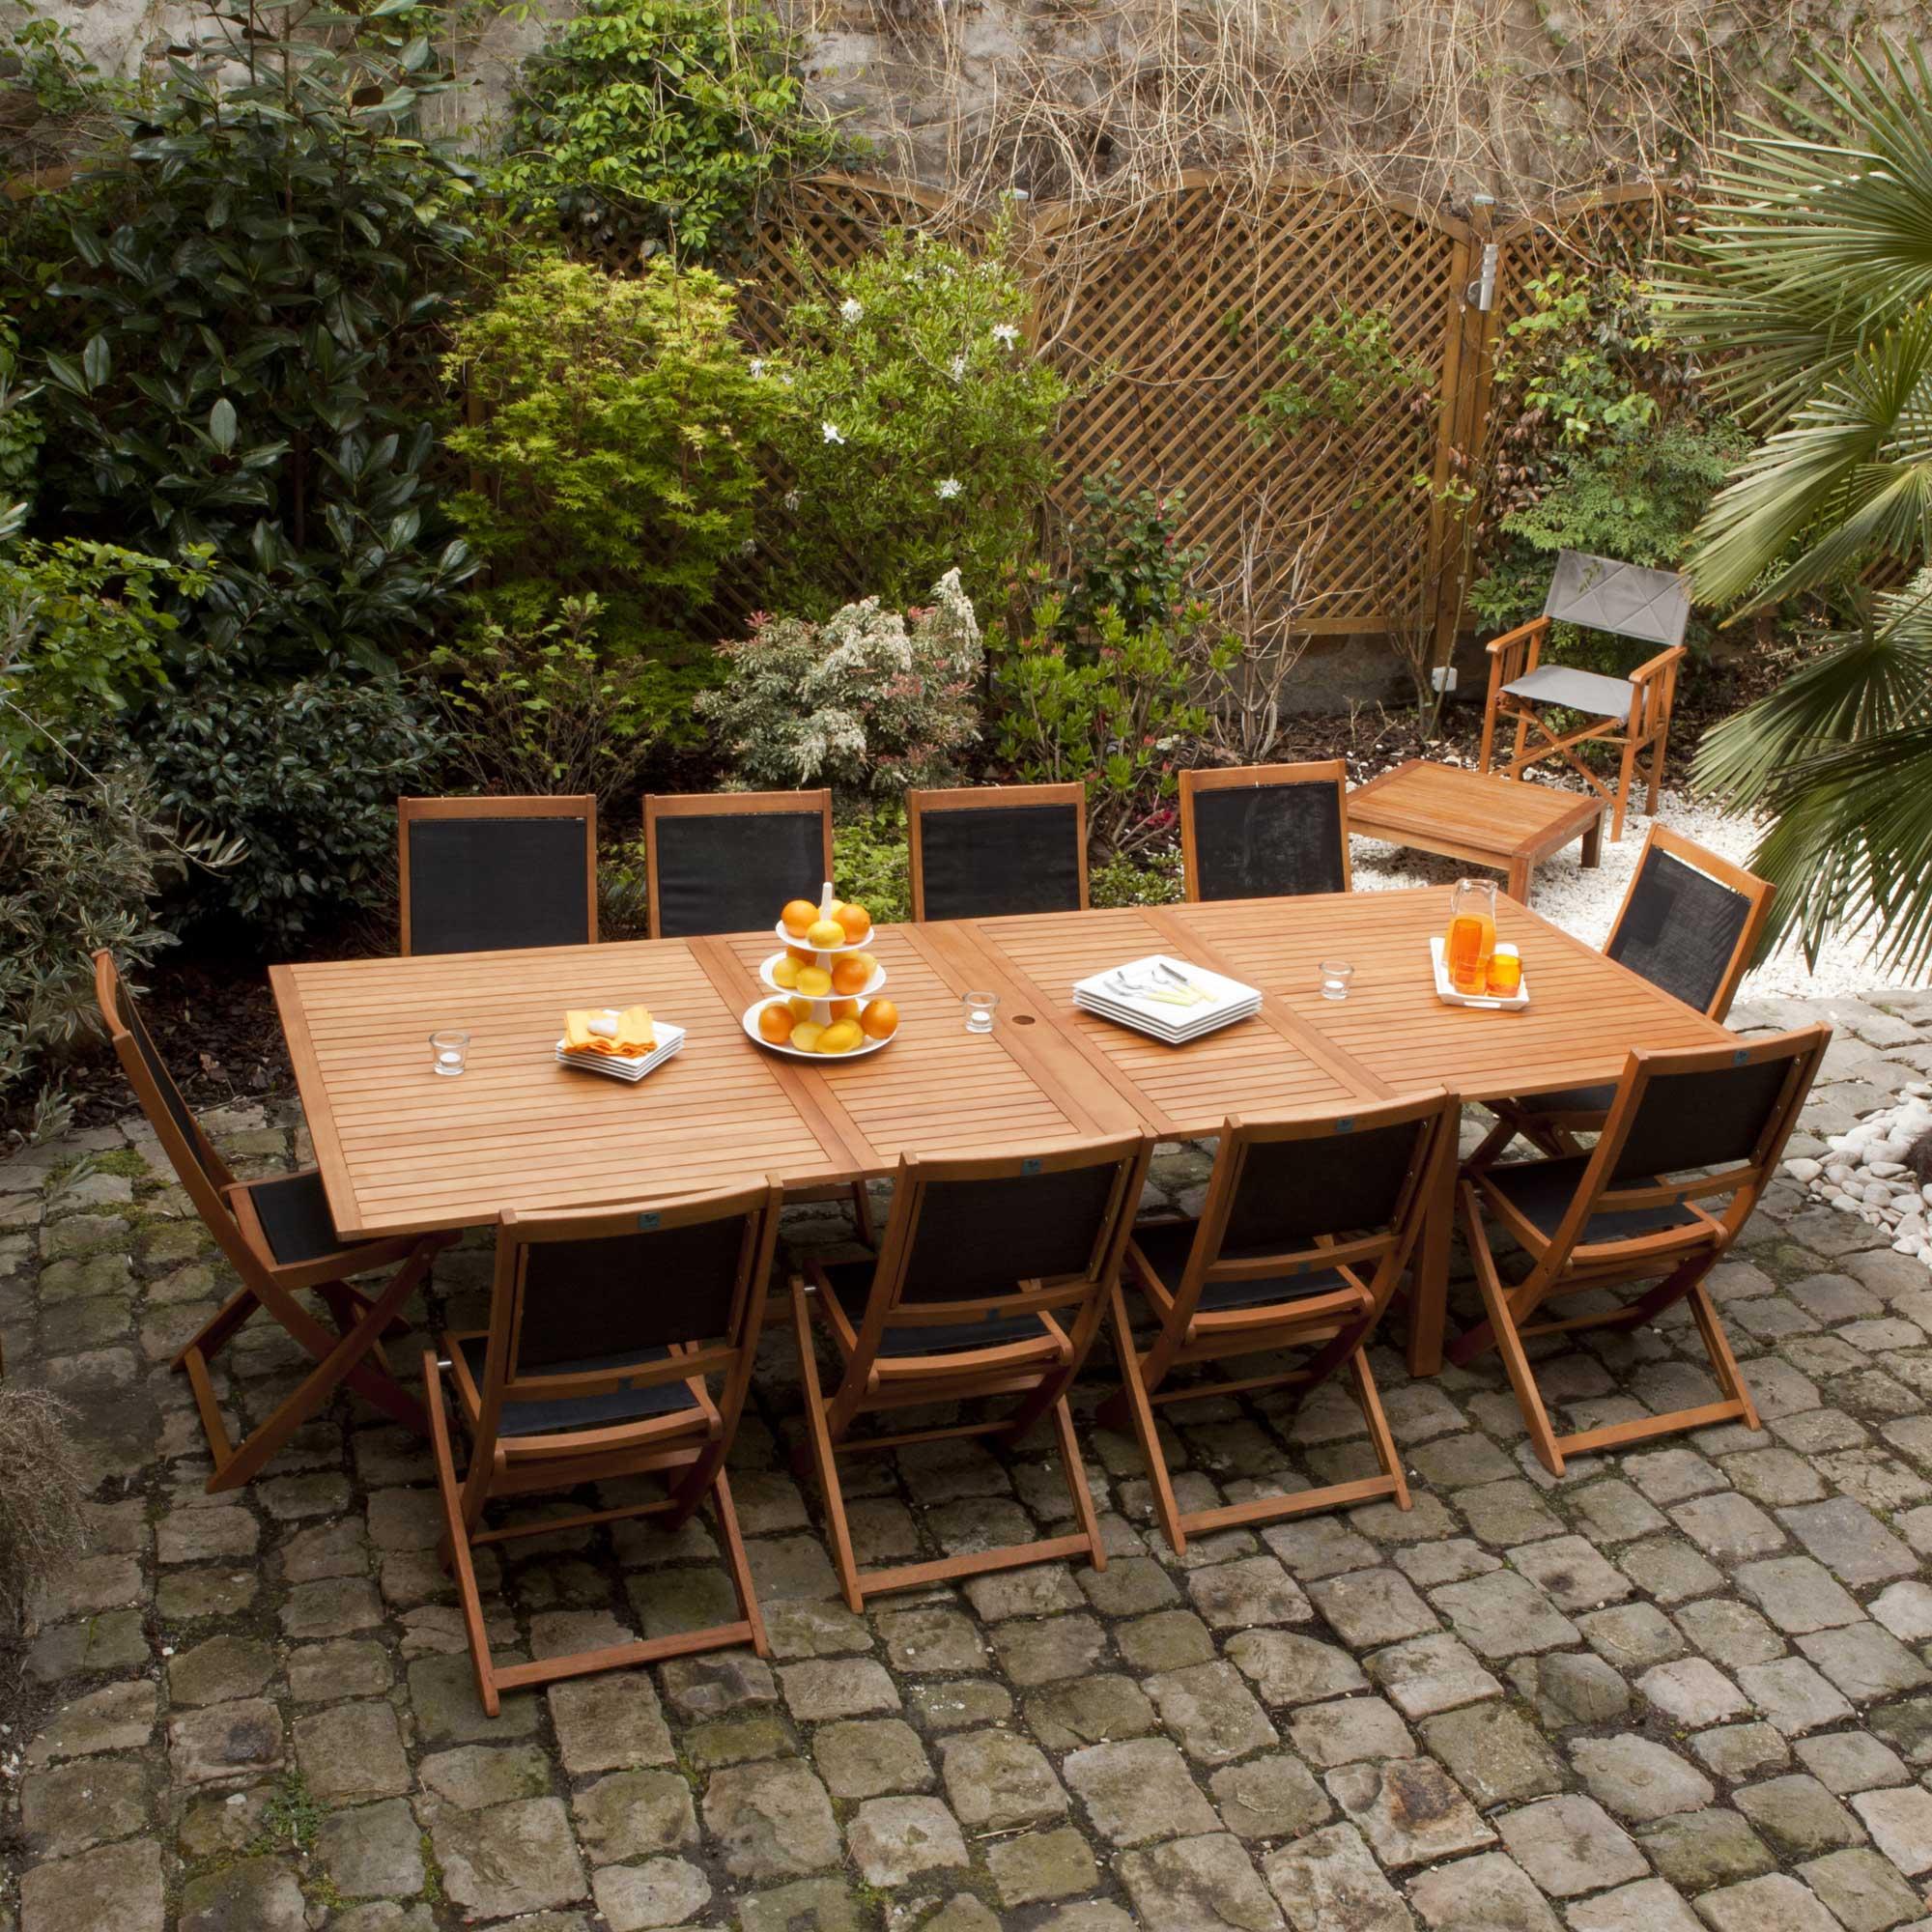 Salon De Jardin Table Et Chaises Leclerc - Mailleraye.fr intérieur Table De Jardin Pas Cher Leclerc